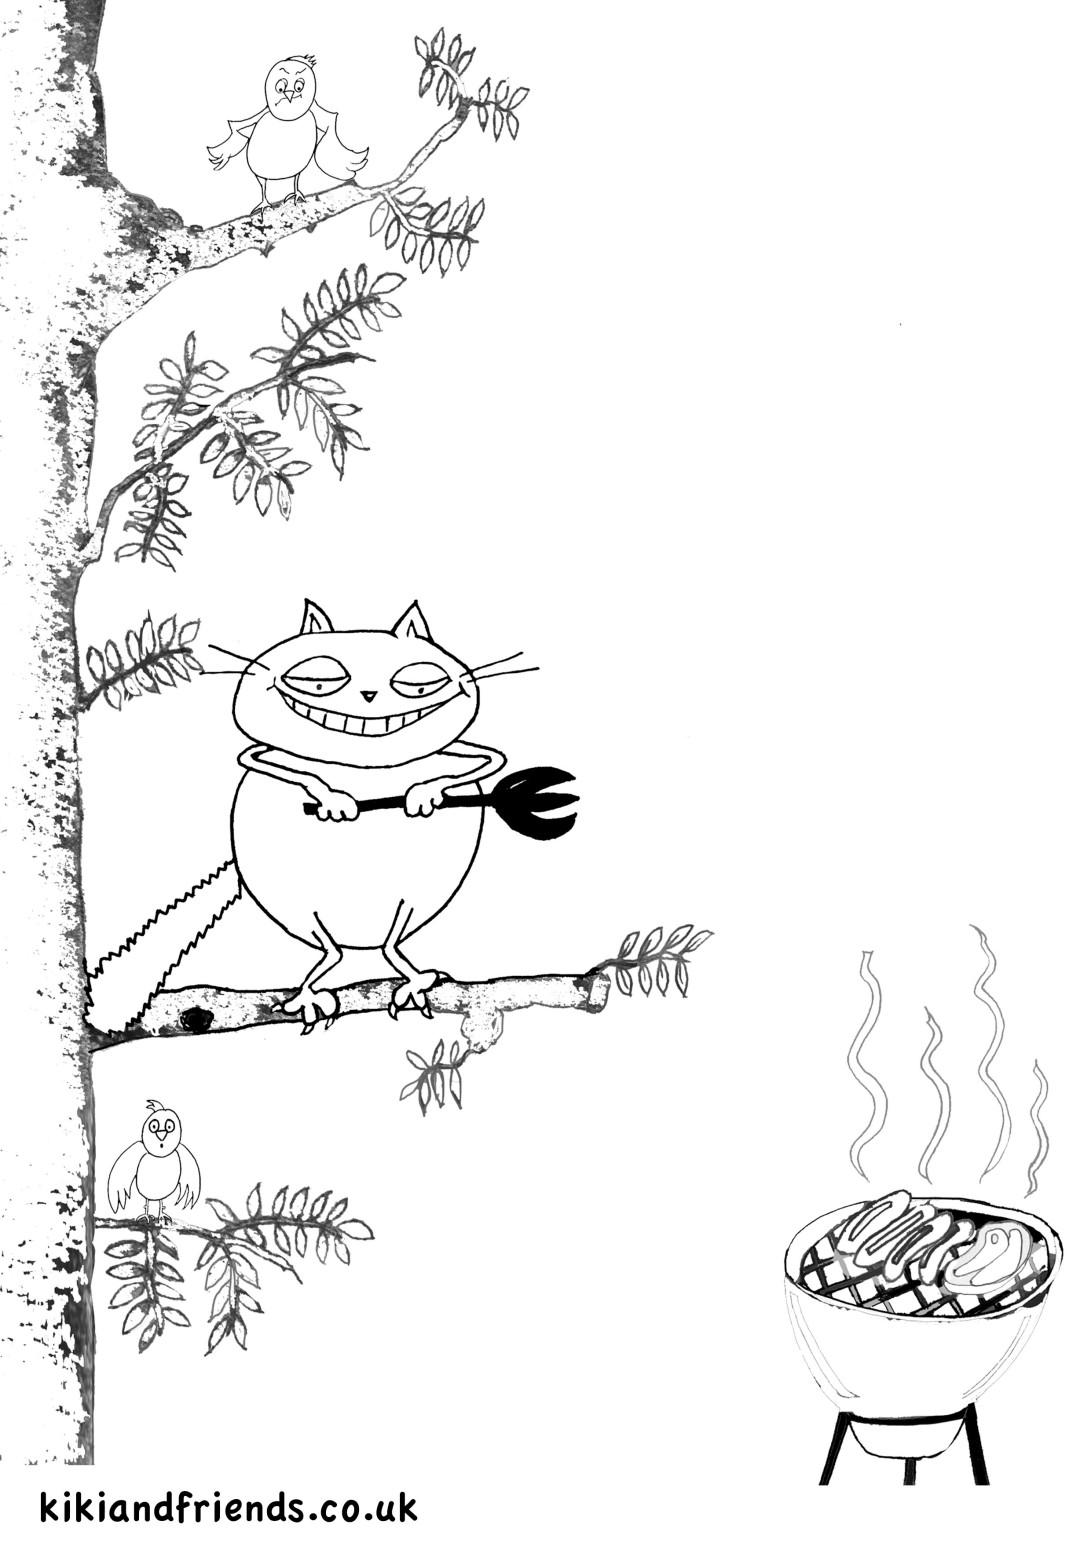 Kiki the Kung Fu Kitten - Banjo and BBQ